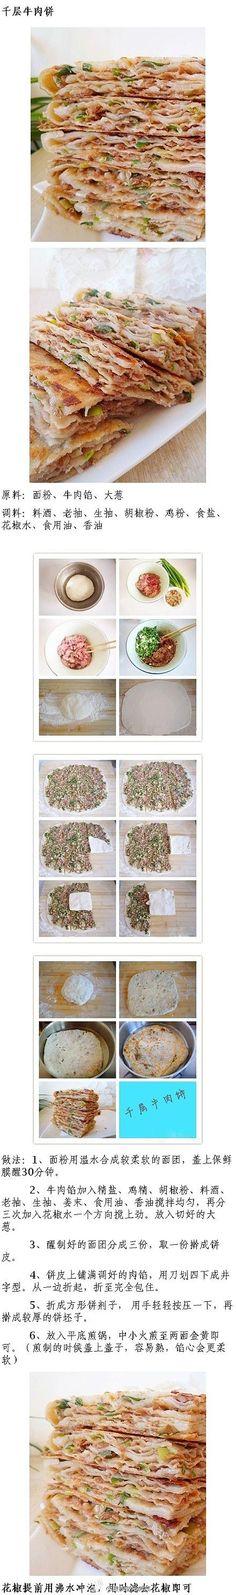 【千层牛肉饼】: layered beef patties